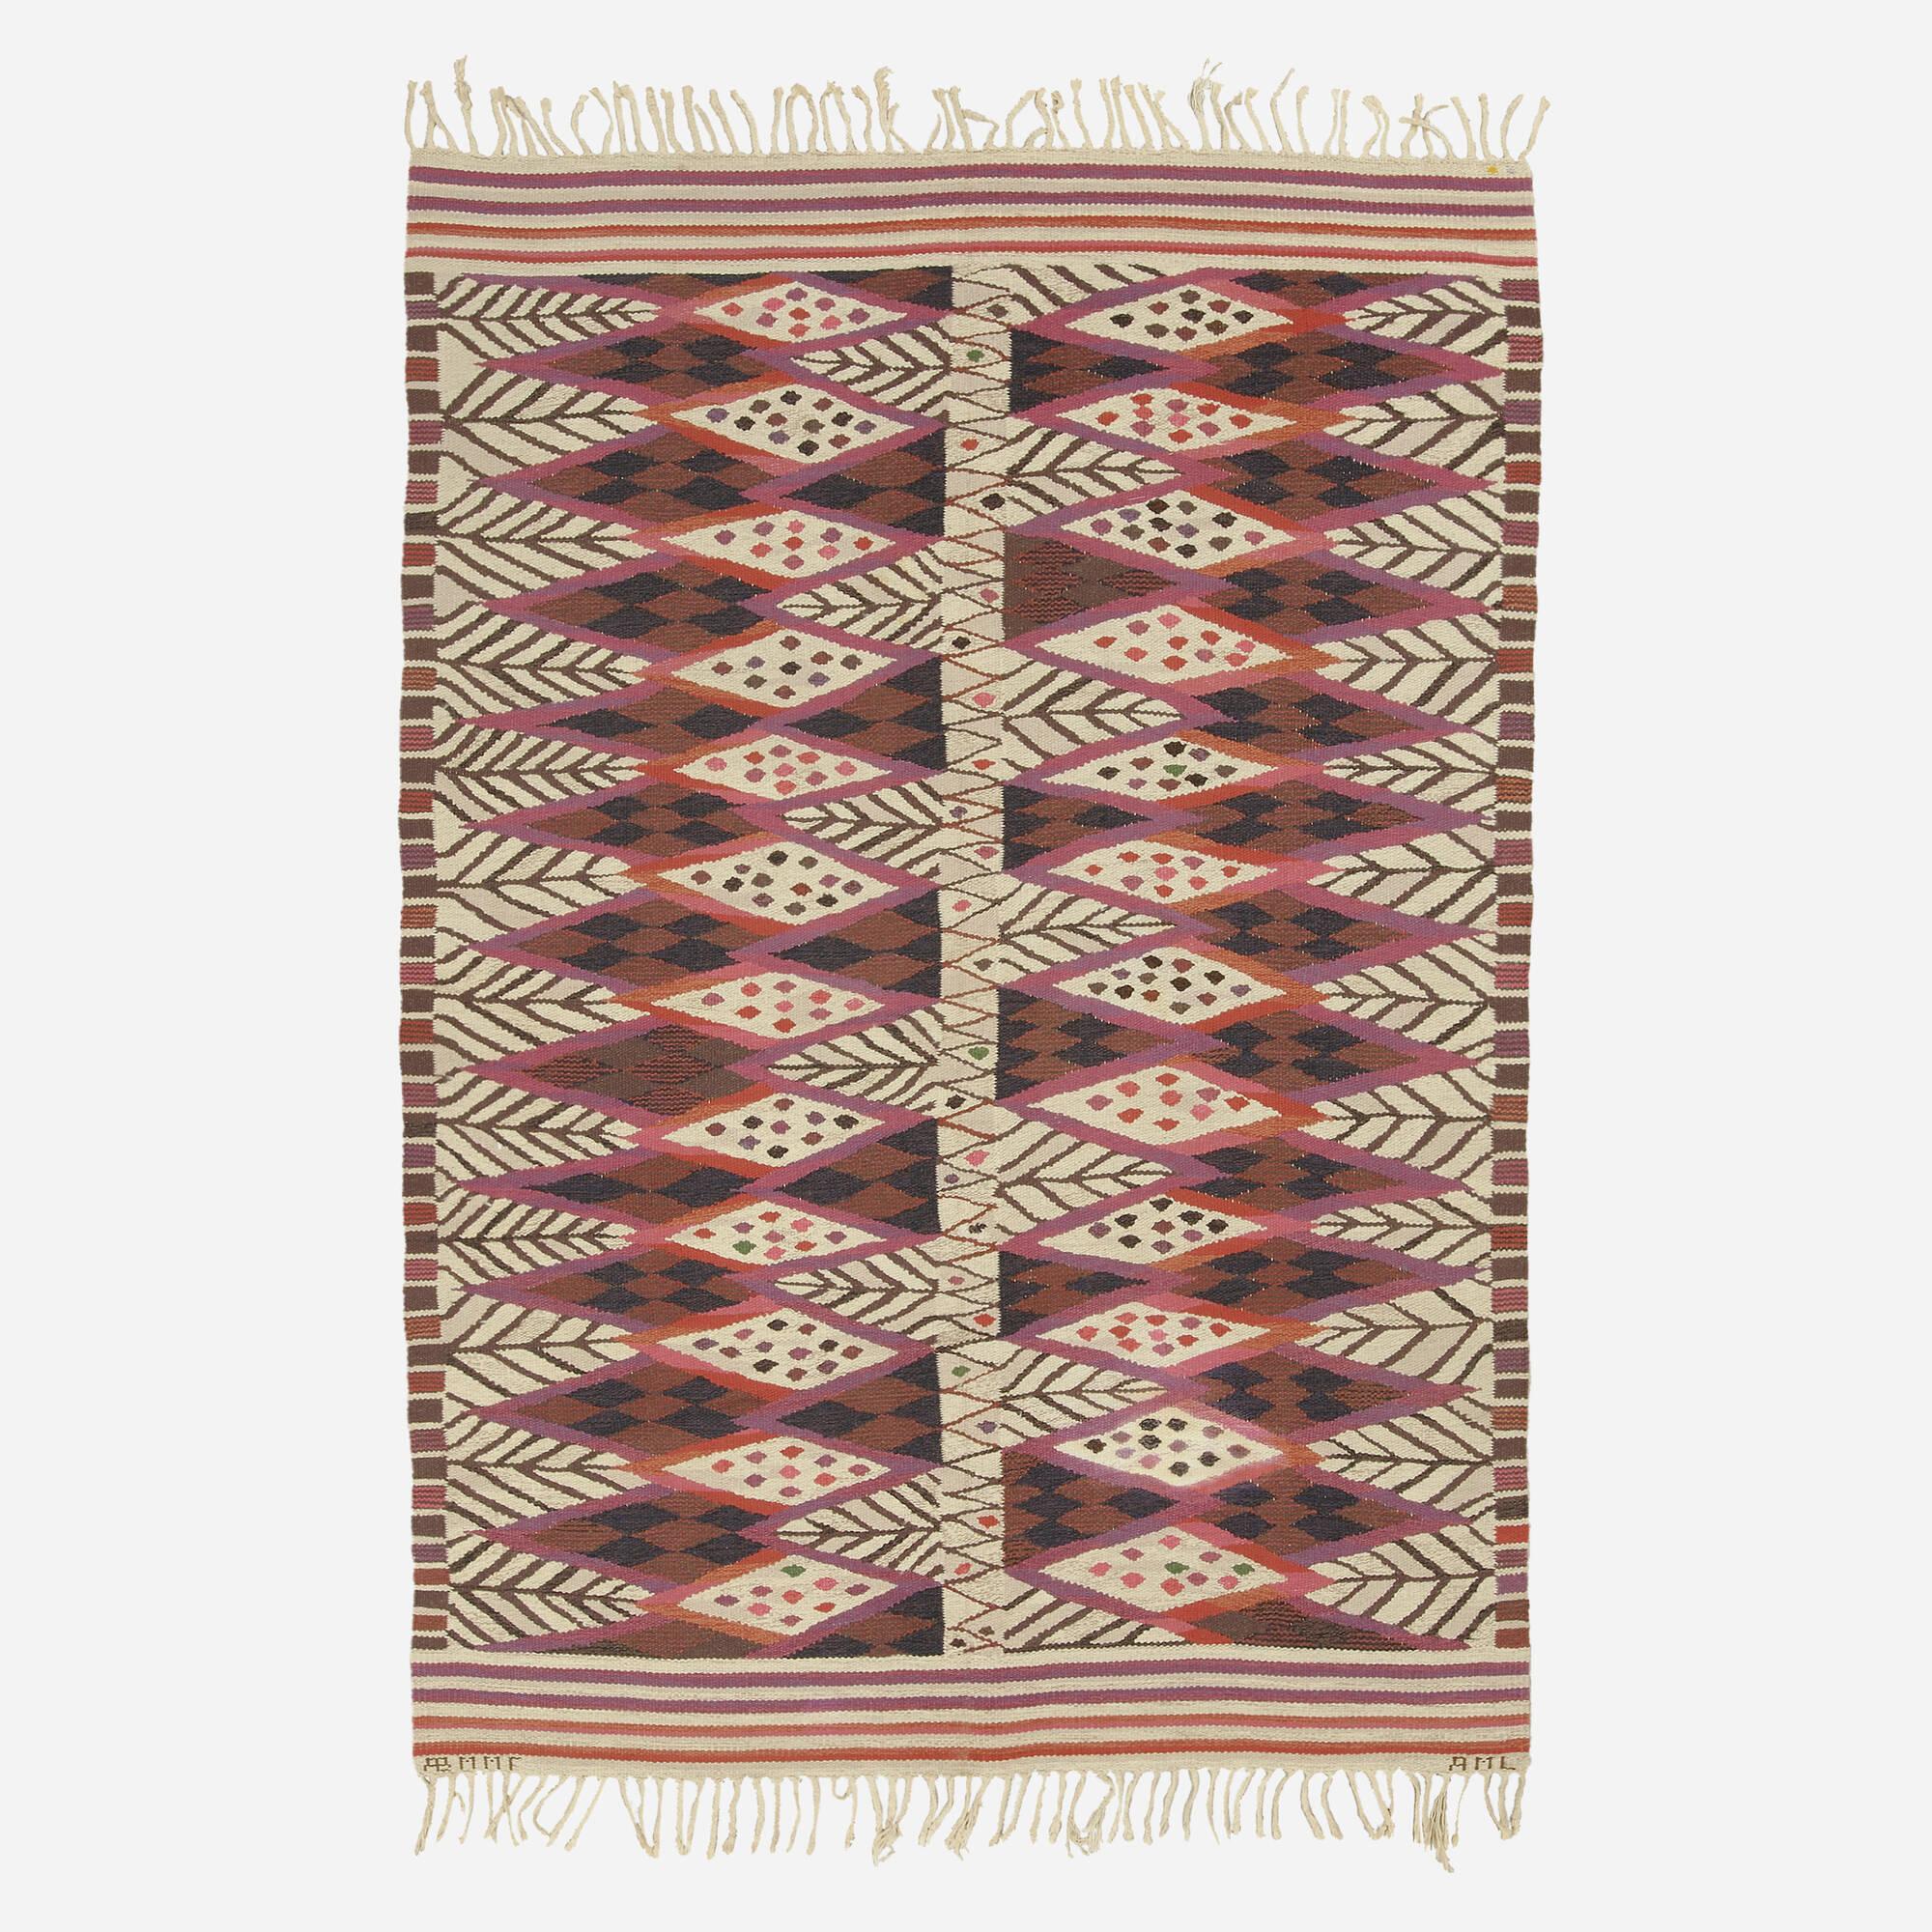 122: Ann-Mari Forsberg / Stammen tapestry weave carpet (1 of 1)